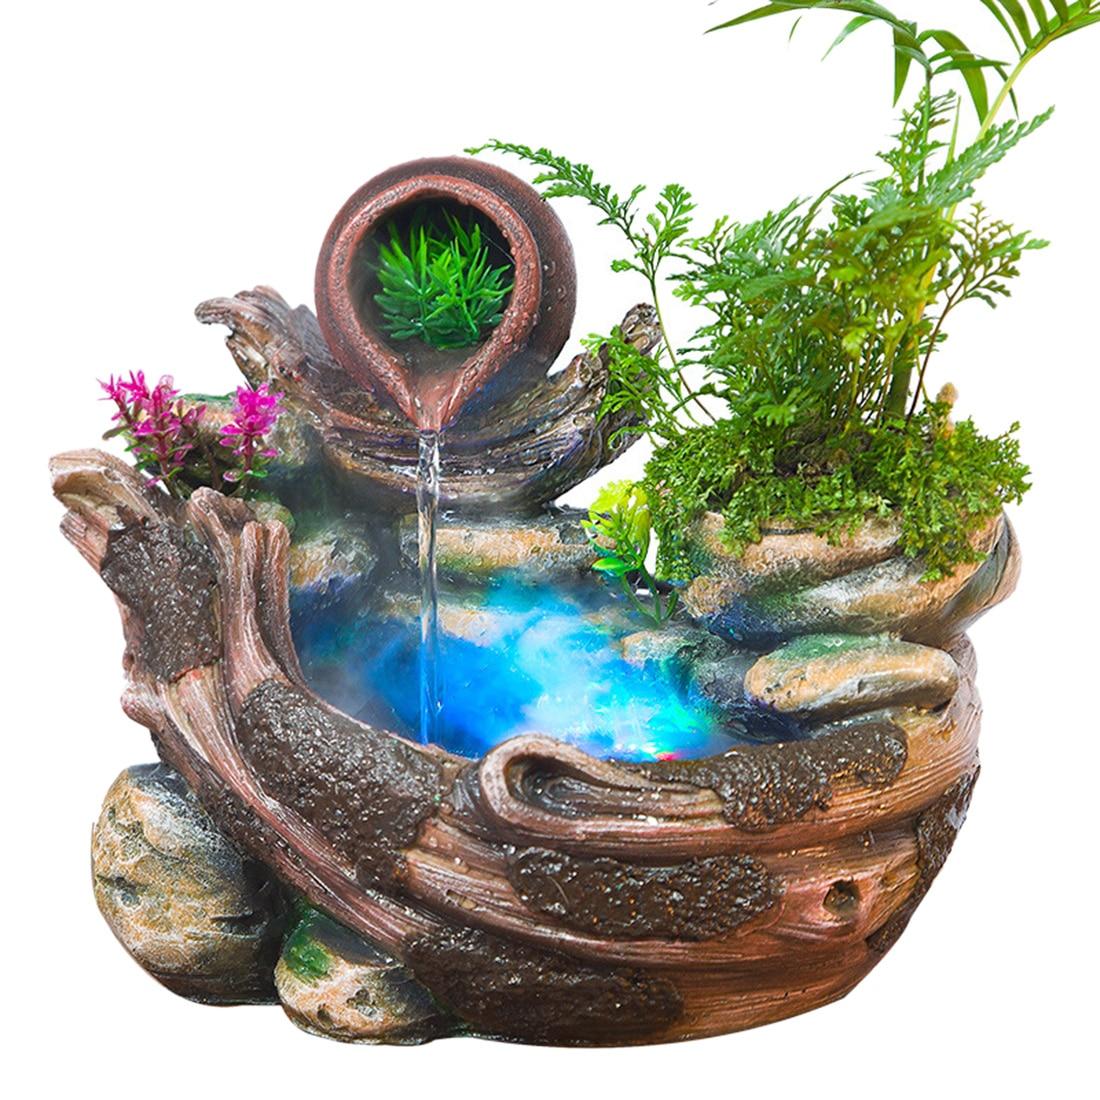 Альпинарий фонтан Обои для рабочего стола китайский фэн-шуй украшения Крытый увлажнитель воздуха Украшения дома и офиса